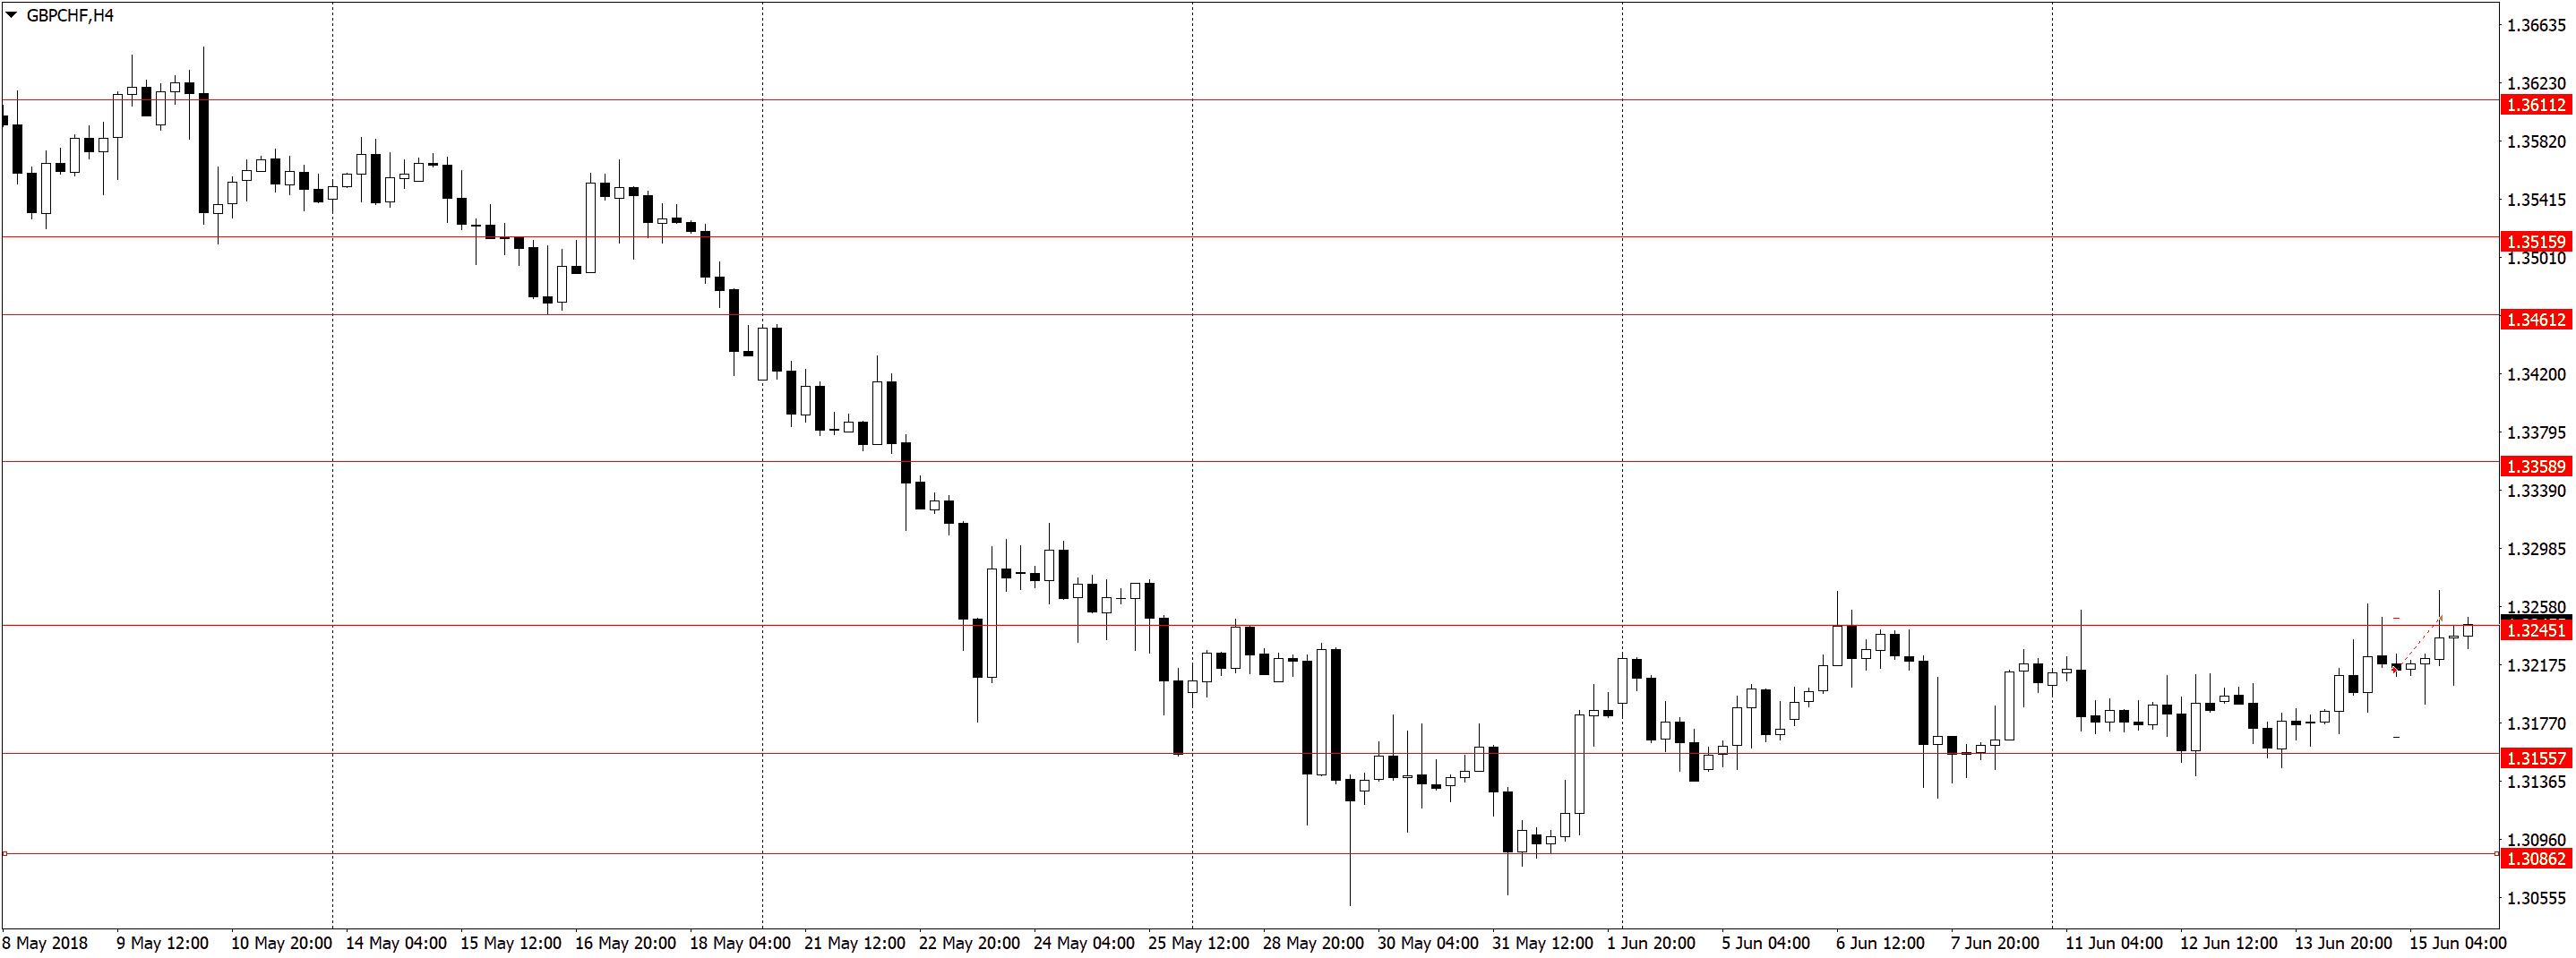 GBPCHFH4 Усталость от трейдинга, торговля акций, переторговка